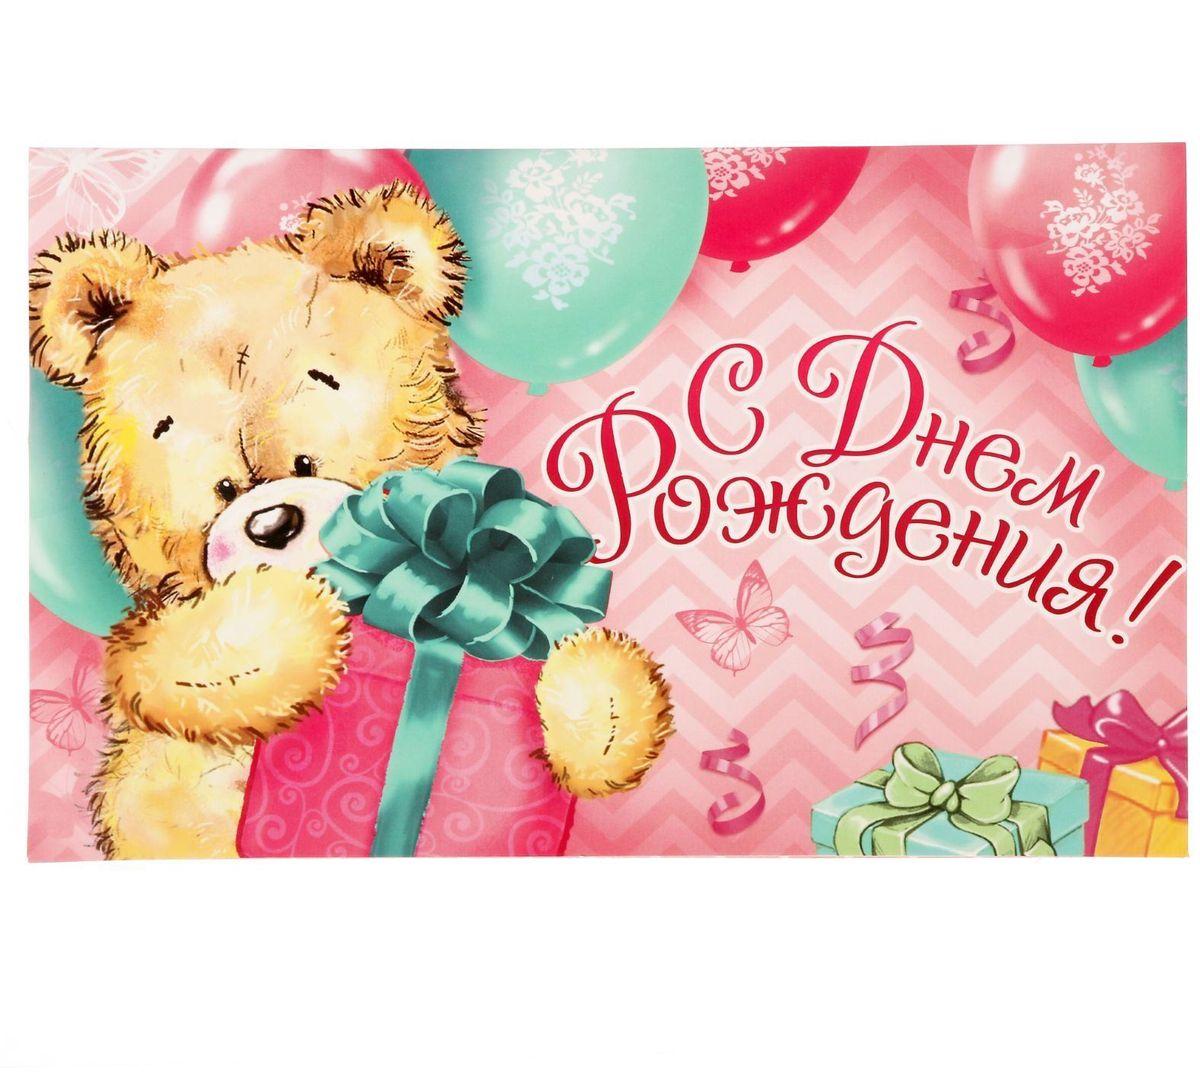 Хотите удивить своих близких необычным поздравлением? Объемная открытка вам в этом поможет. Внутри неё - волшебный мир детства и праздника. Рисованные персонажи будто оживают прямо на глазах!Открытка, без сомнения, понравится получателю.